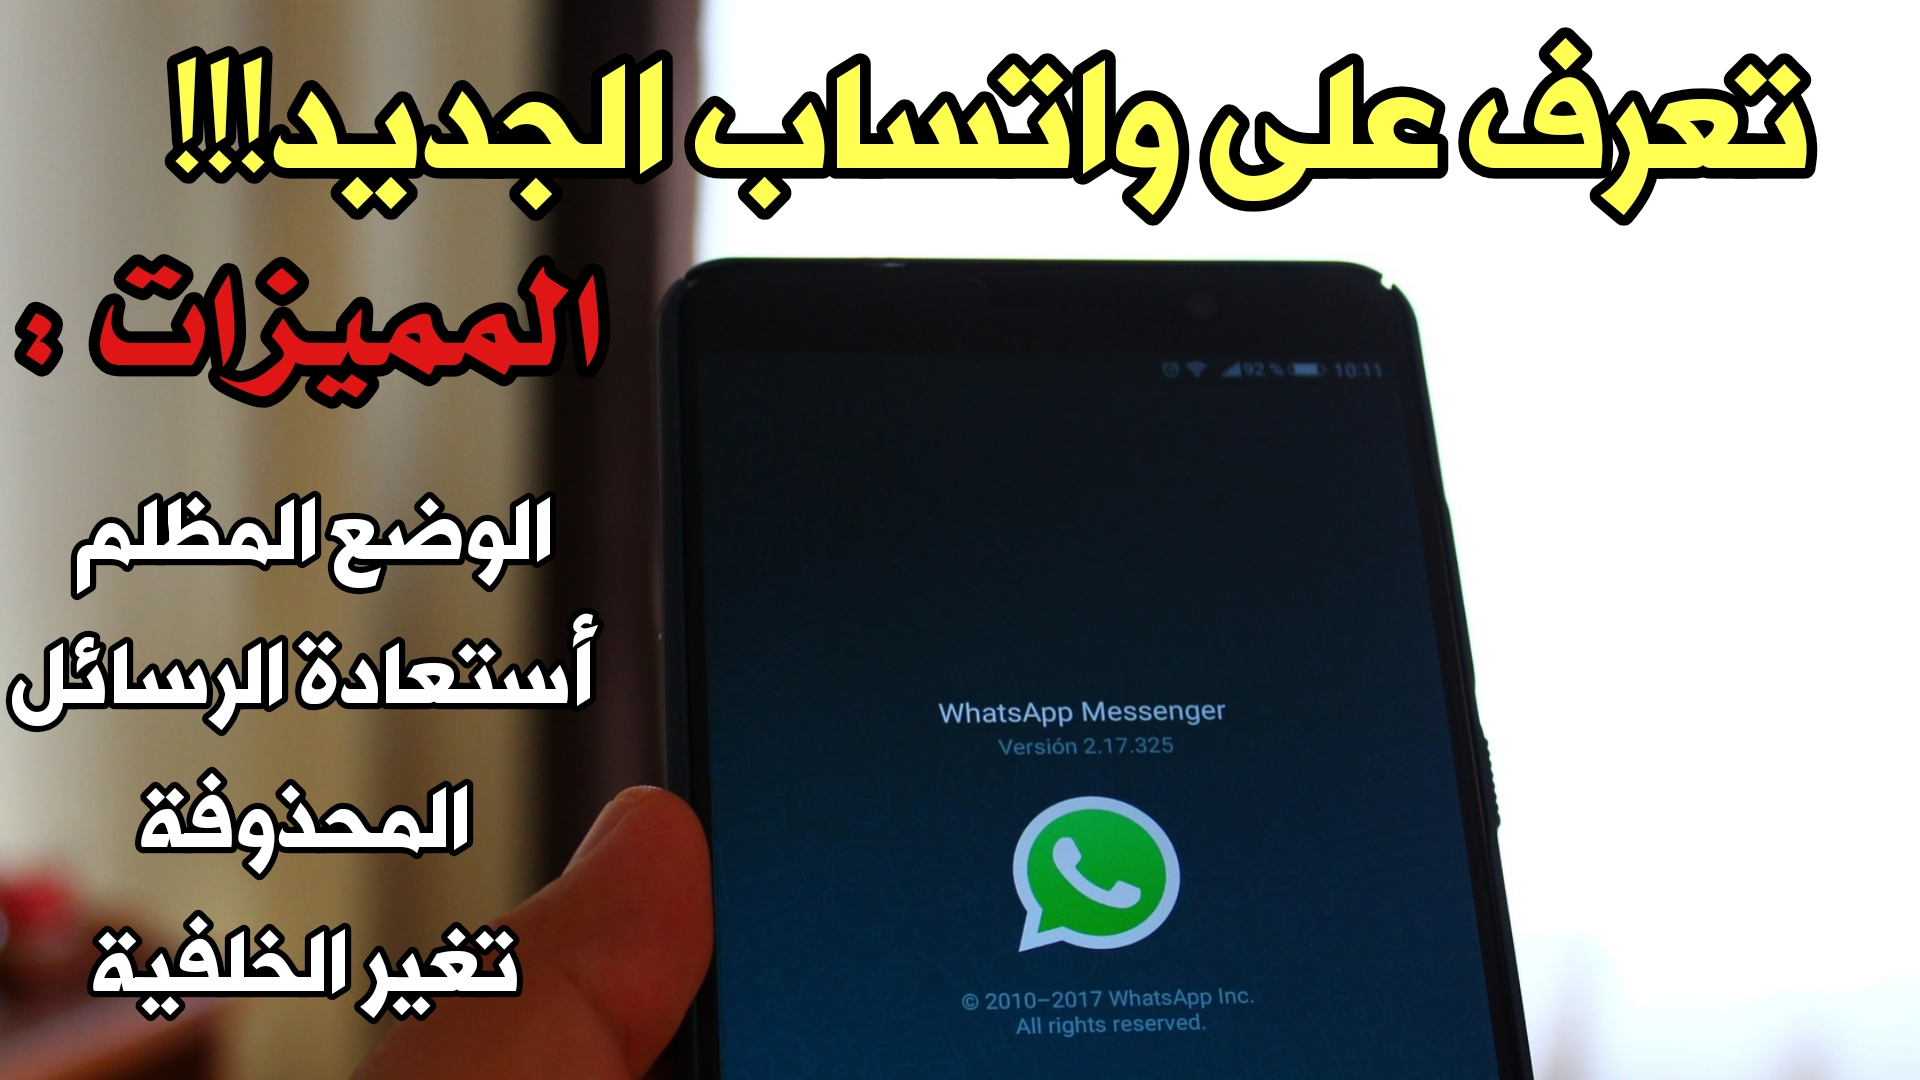 تعرف على WhatsApp الجديد !!! الوضع المظلم تغير الخلفية أستعادة الرسائل المحذوفة والكثير